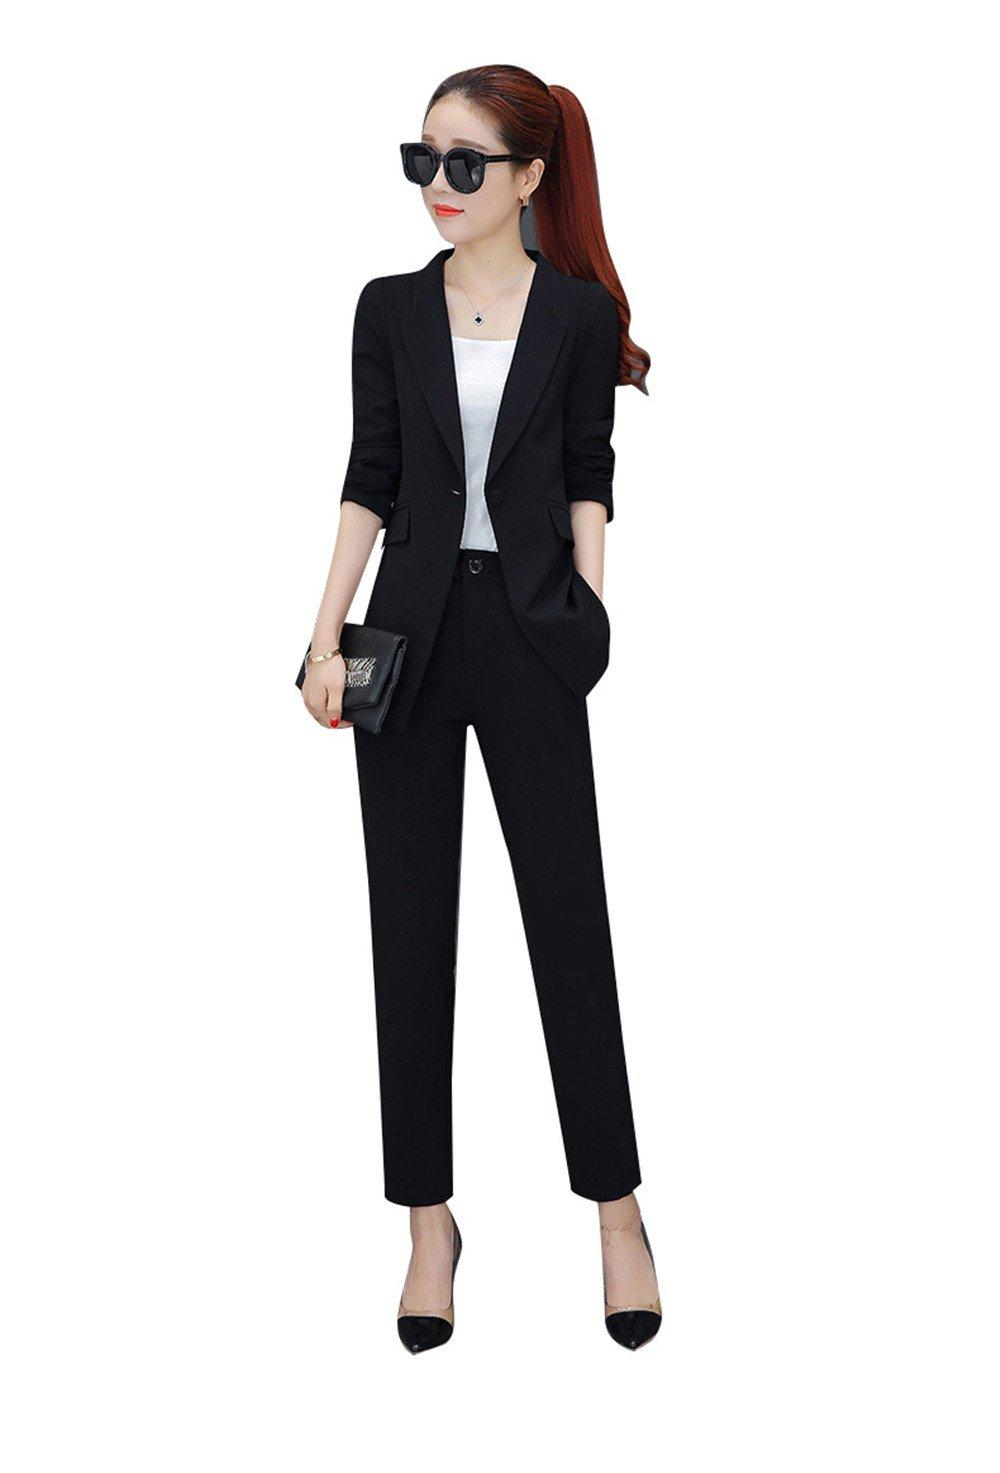 パンツスーツレディースセットアップ就活スーツレディース ブラック ホワイトスーツパンツ 結婚式フォーマル olビジネス事務服着痩せ入園式 卒業式 通 B07BHMDWC8 XL|ブラック ブラック XL